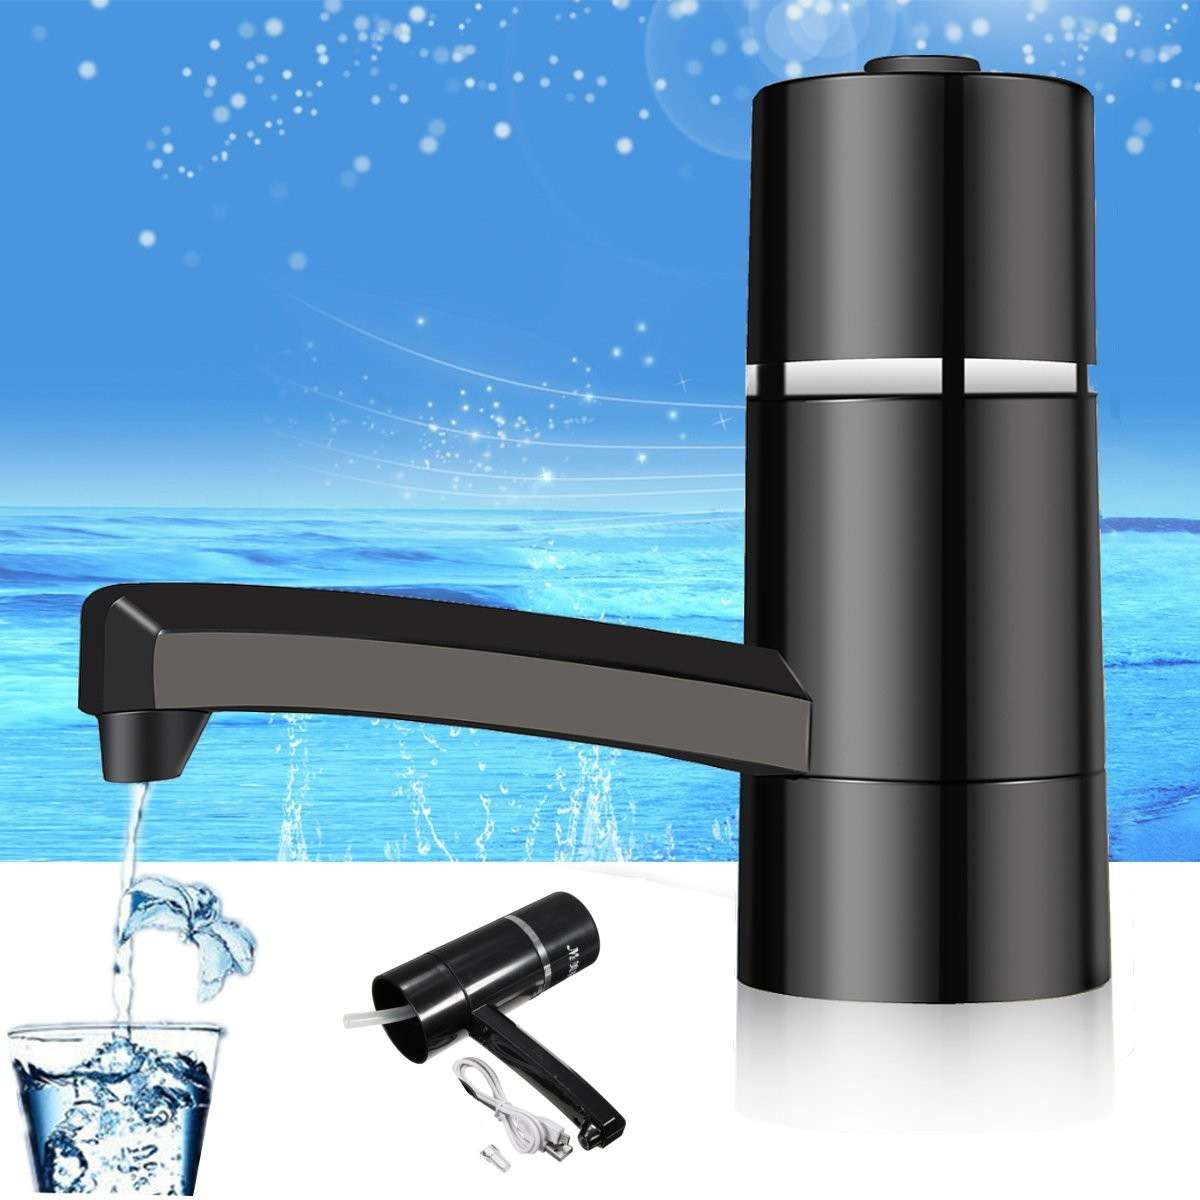 Luz LED Mini dispensador de bomba de botella de agua eléctrica inalámbrica Botellas de bebida portátiles con bomba de agua recargable USB